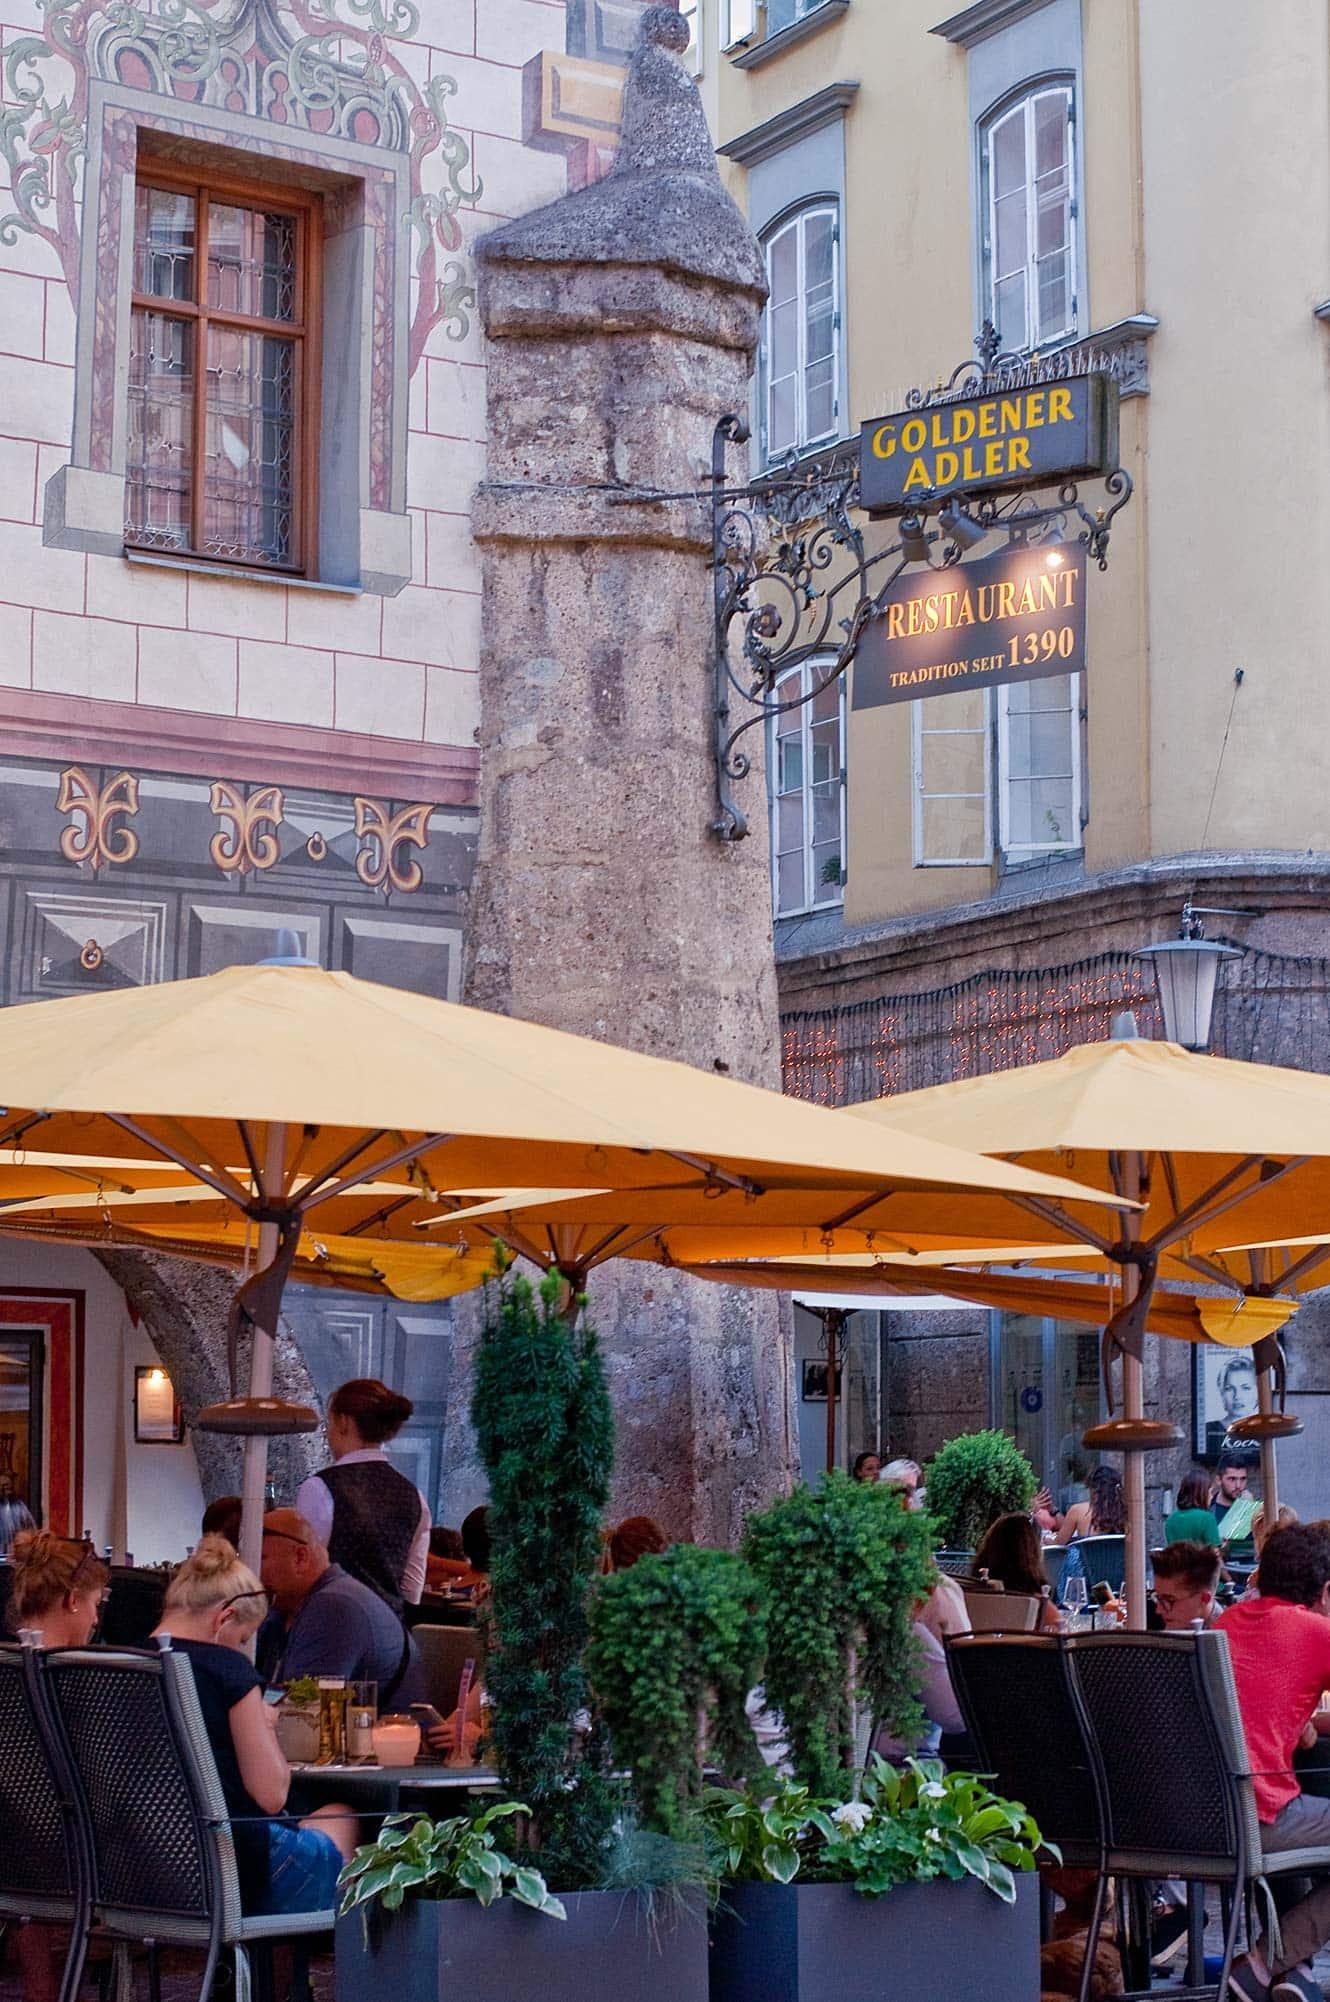 Eten bij het traditionele Goldener Adler restaurant in Innsbruck